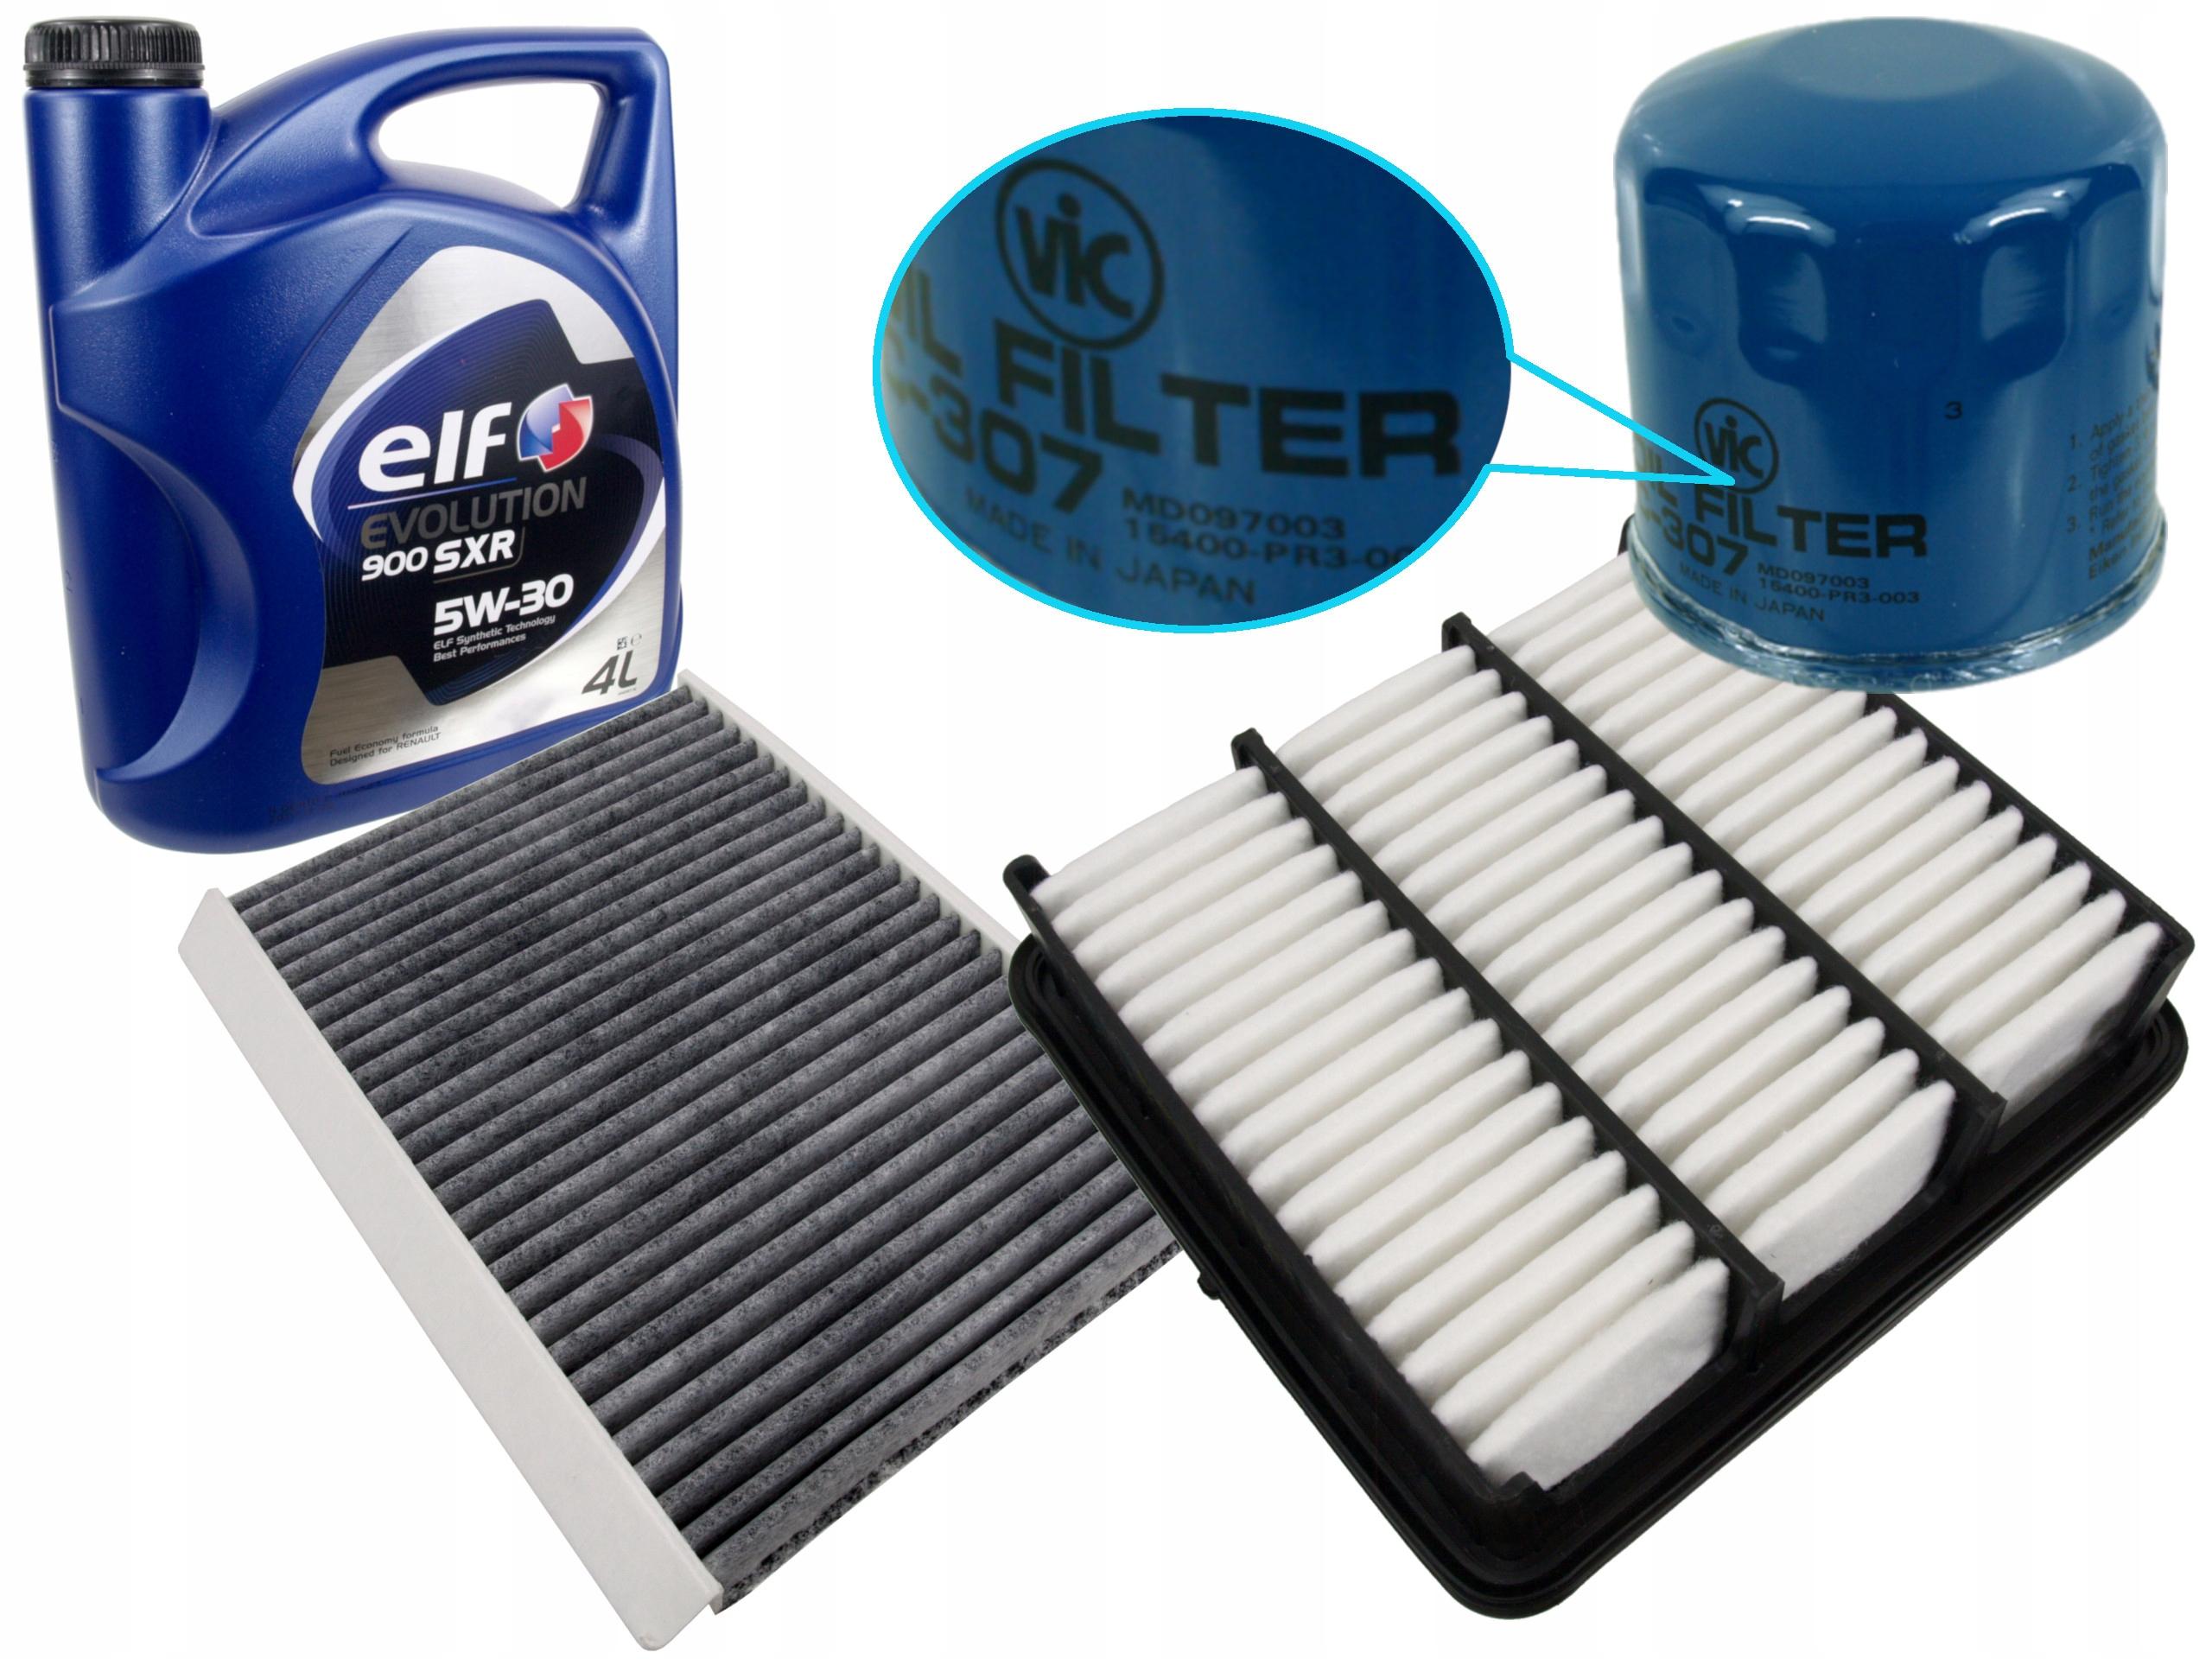 комплект фильтры hyundai i30 универсал fd масло 5w-30